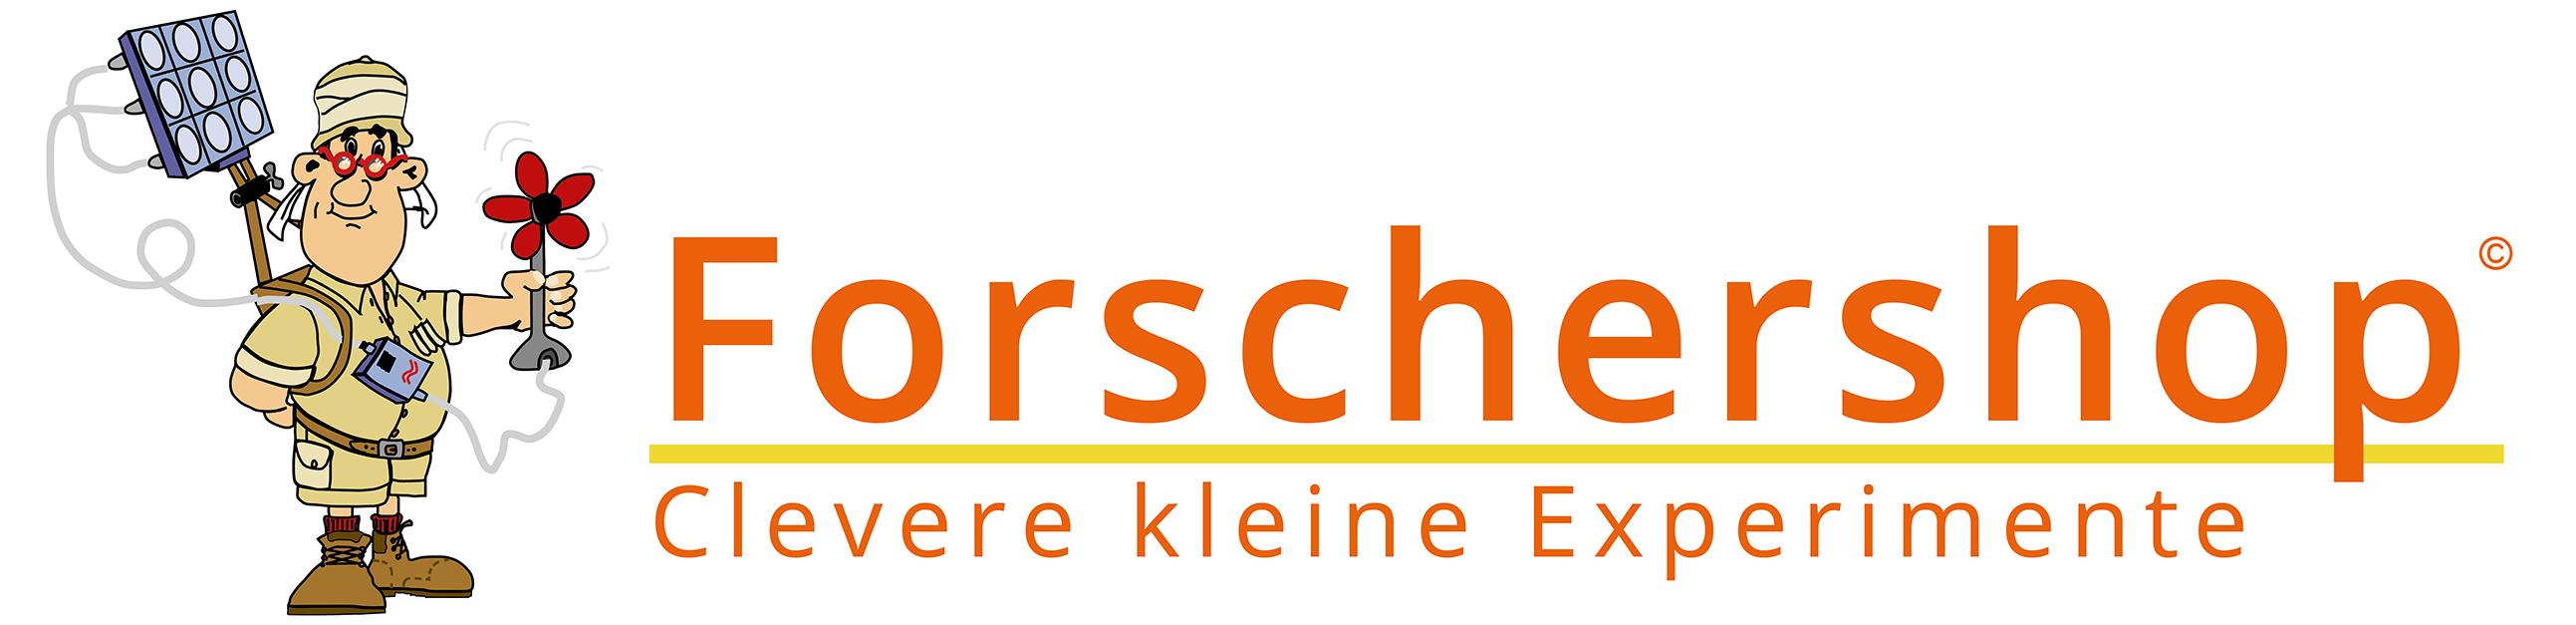 Forschershop - Clevere kleine Experimente-Logo